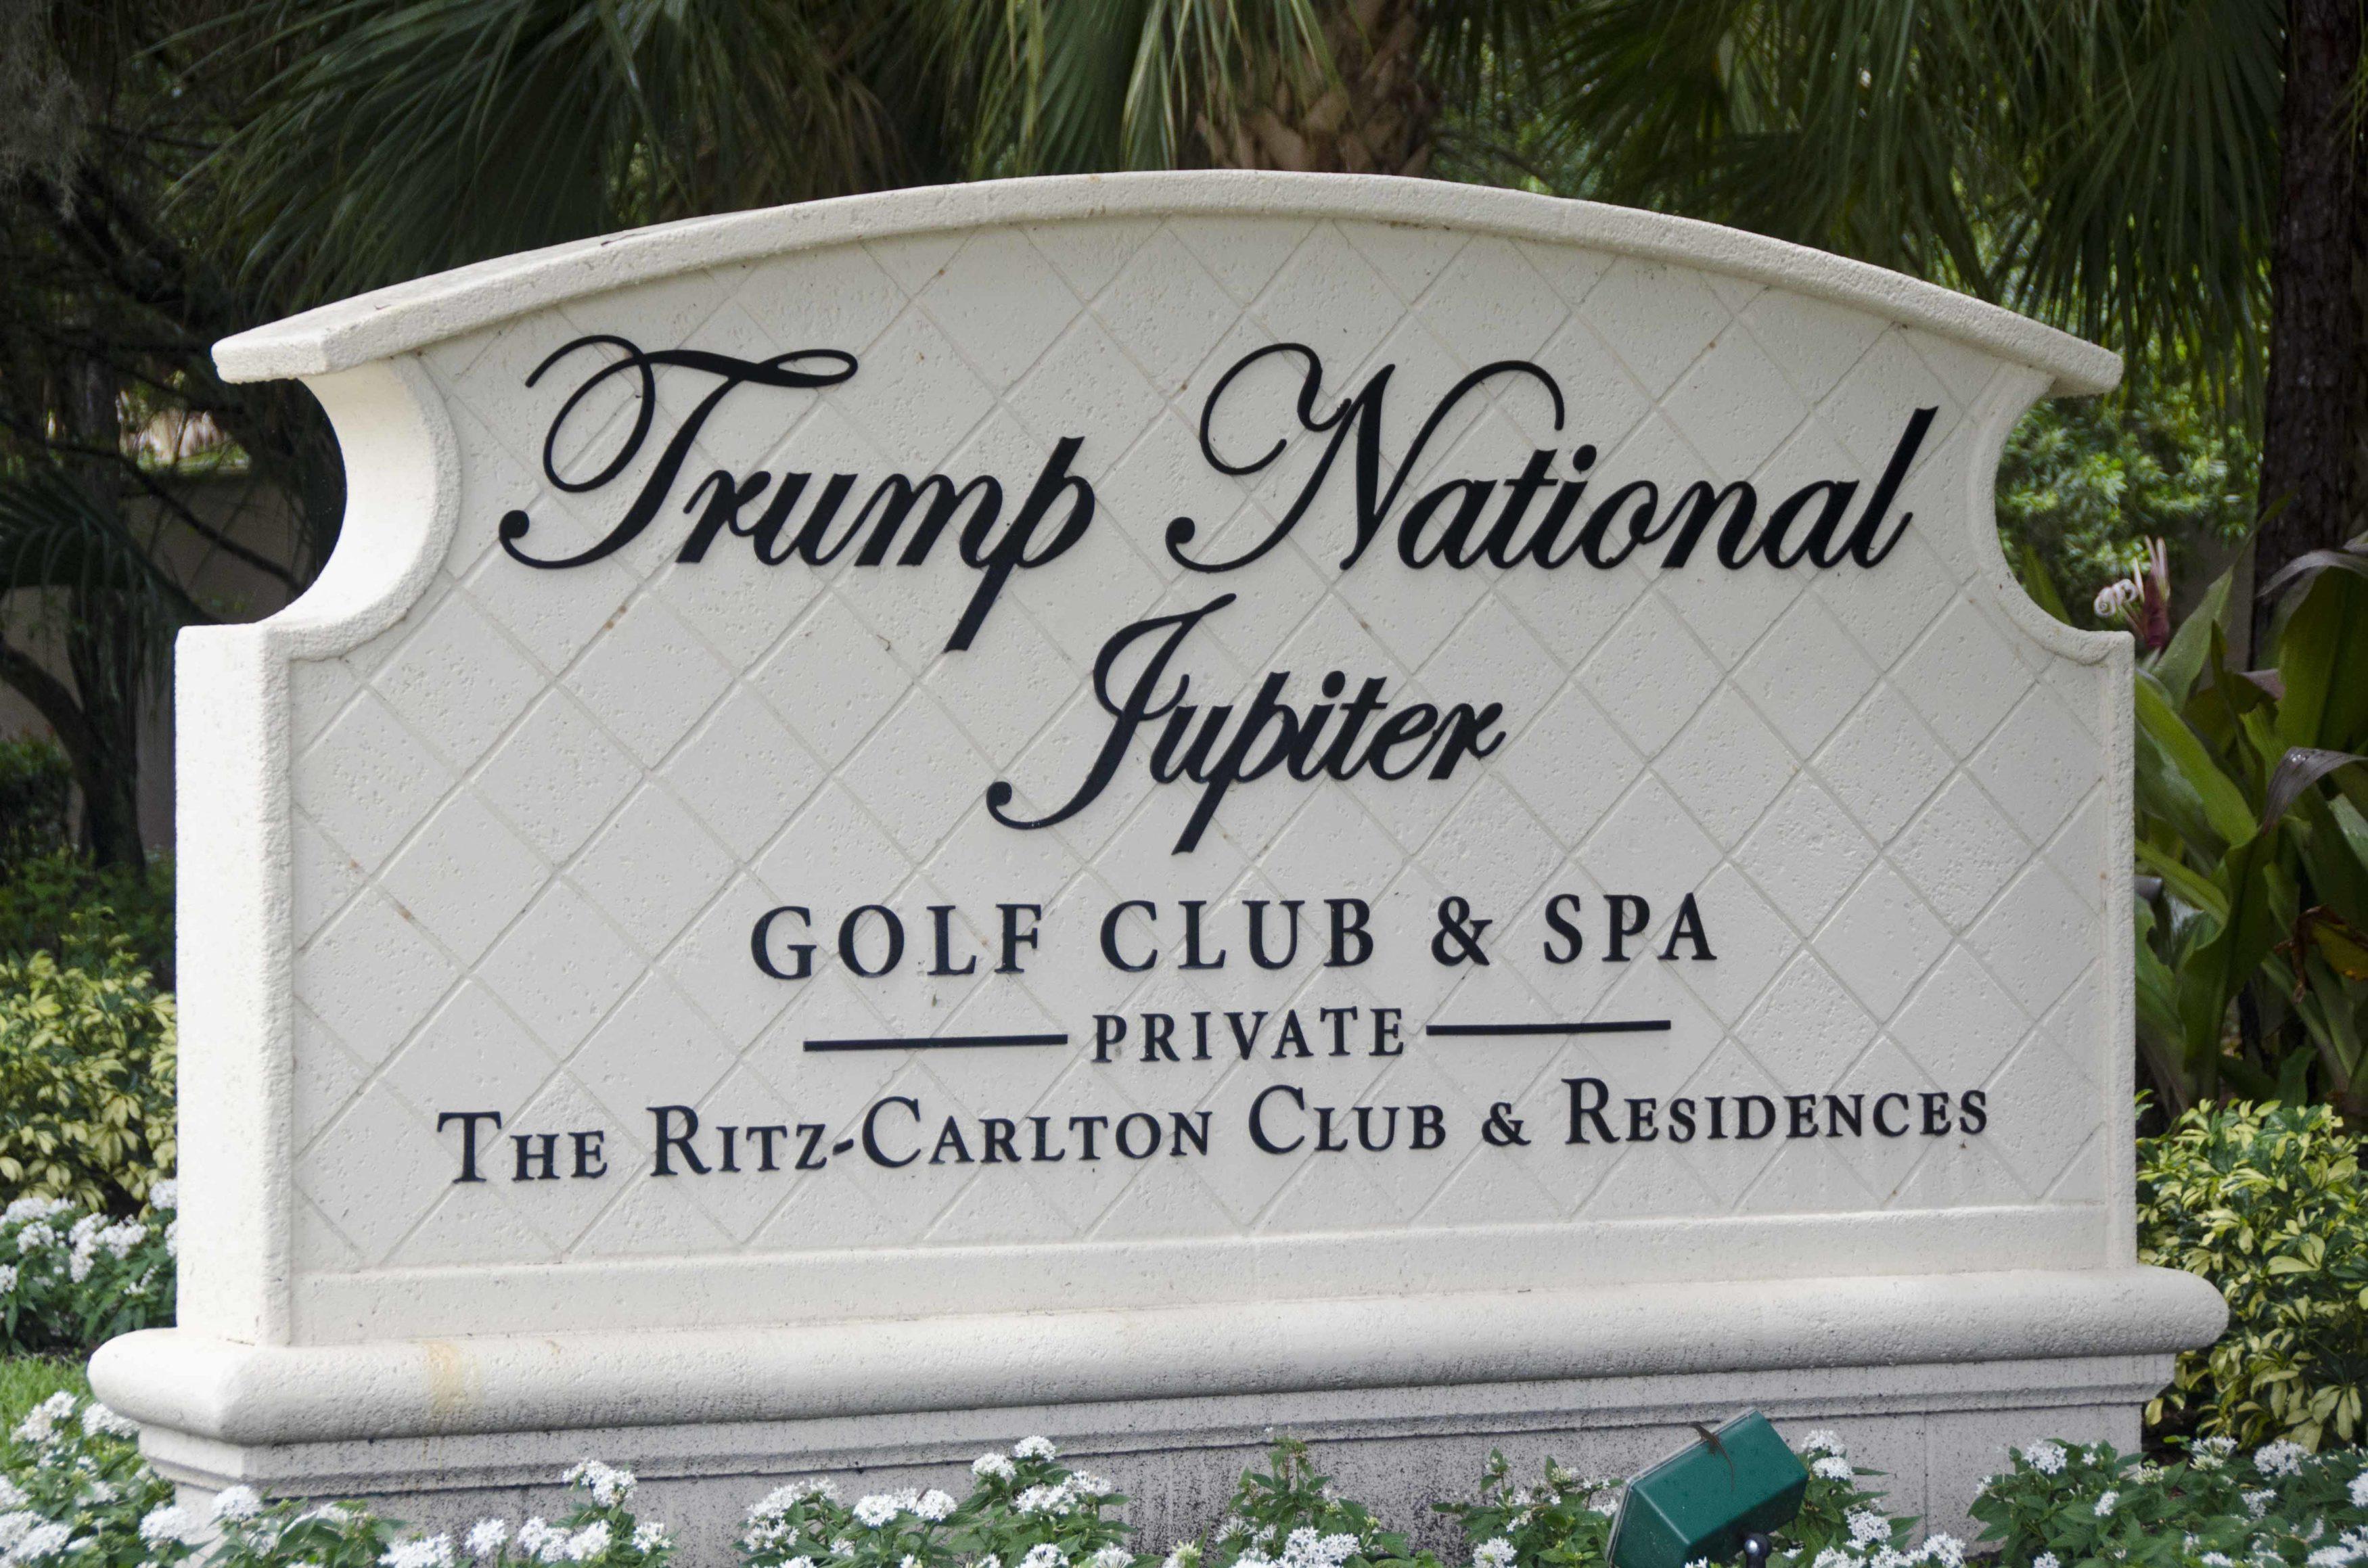 Trump national golf club lawsuit